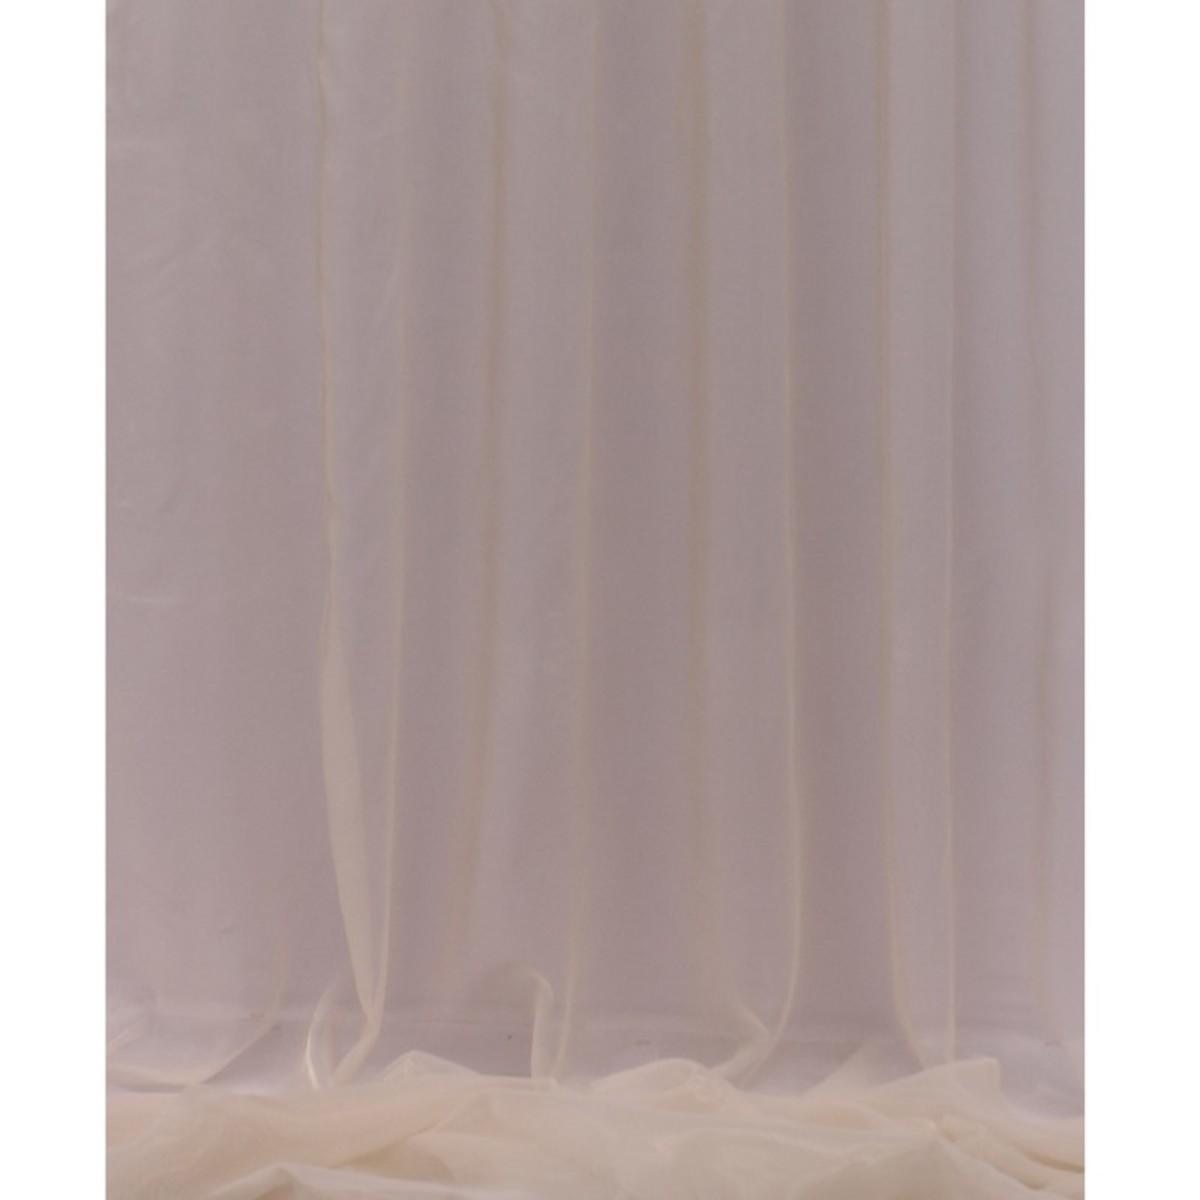 Тюль 1 п/м 280 см полуорганза цвет бежевый